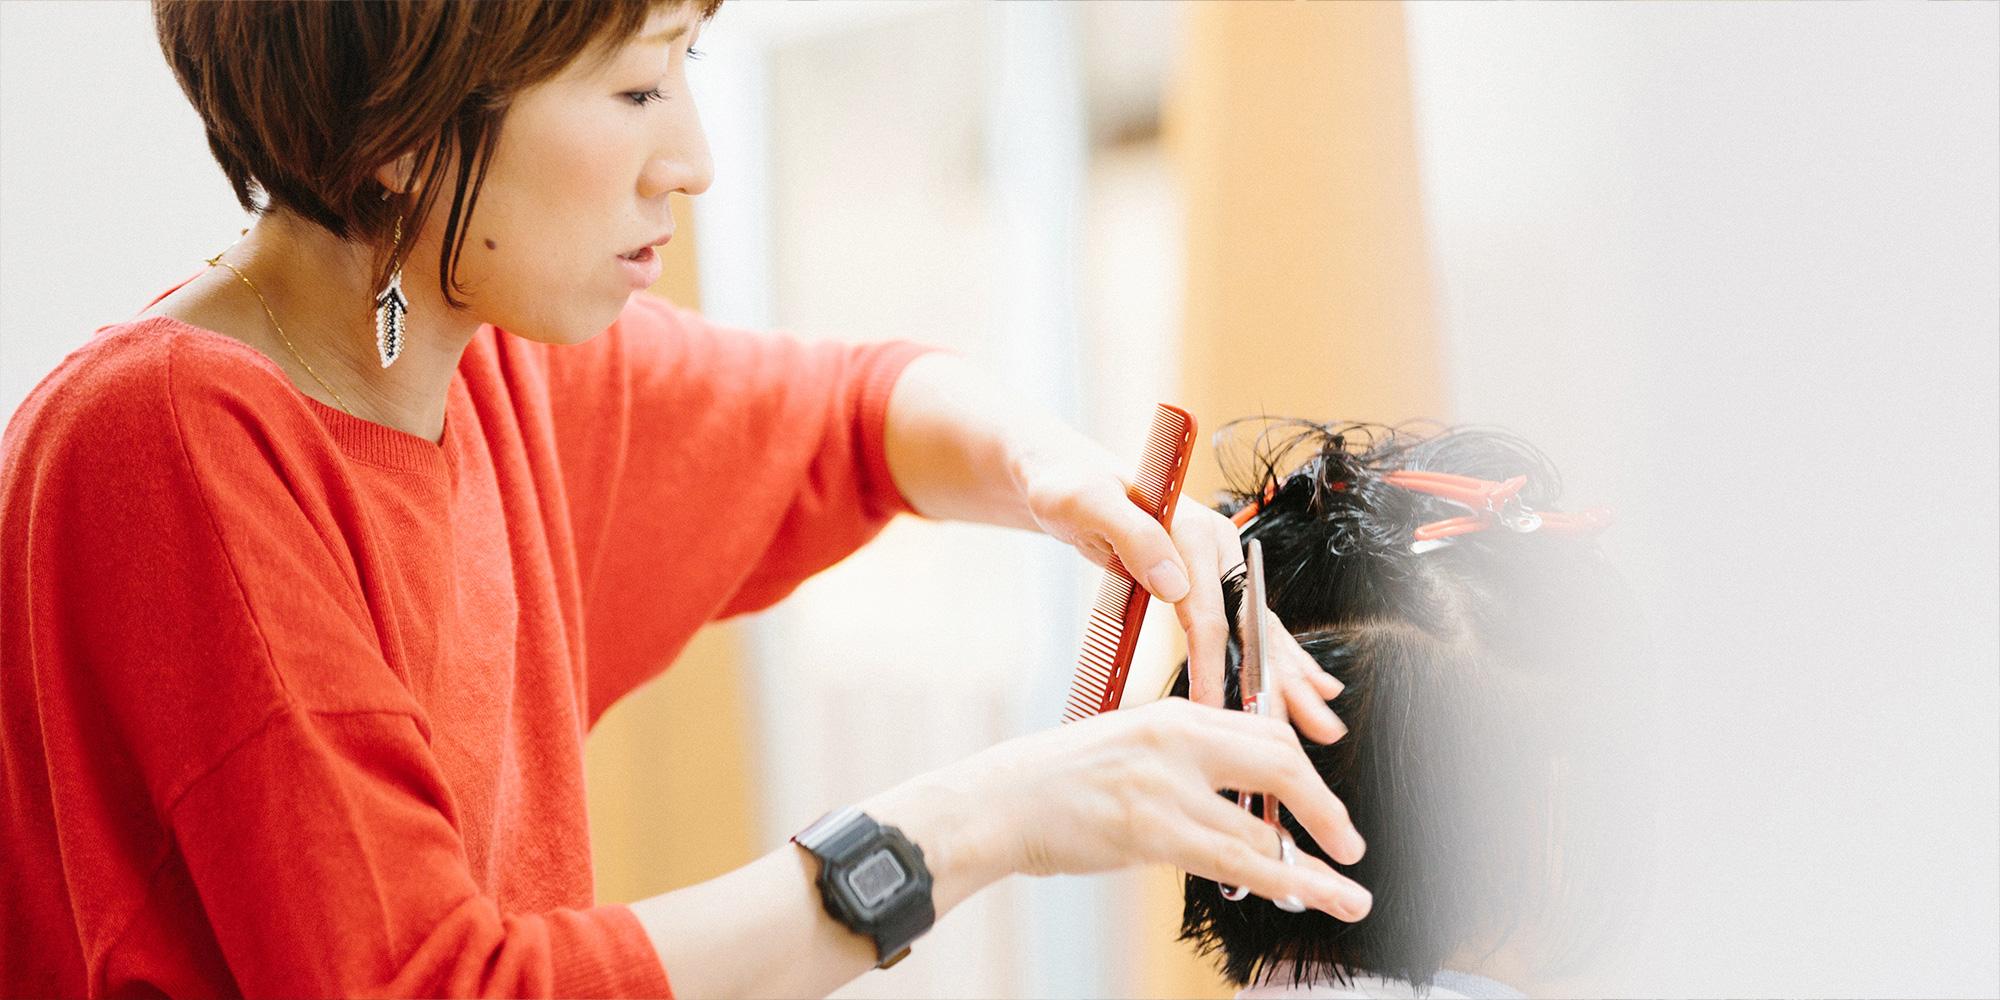 石川県七尾市のヘアサロン「ヘアシーク」店長のヘアカット